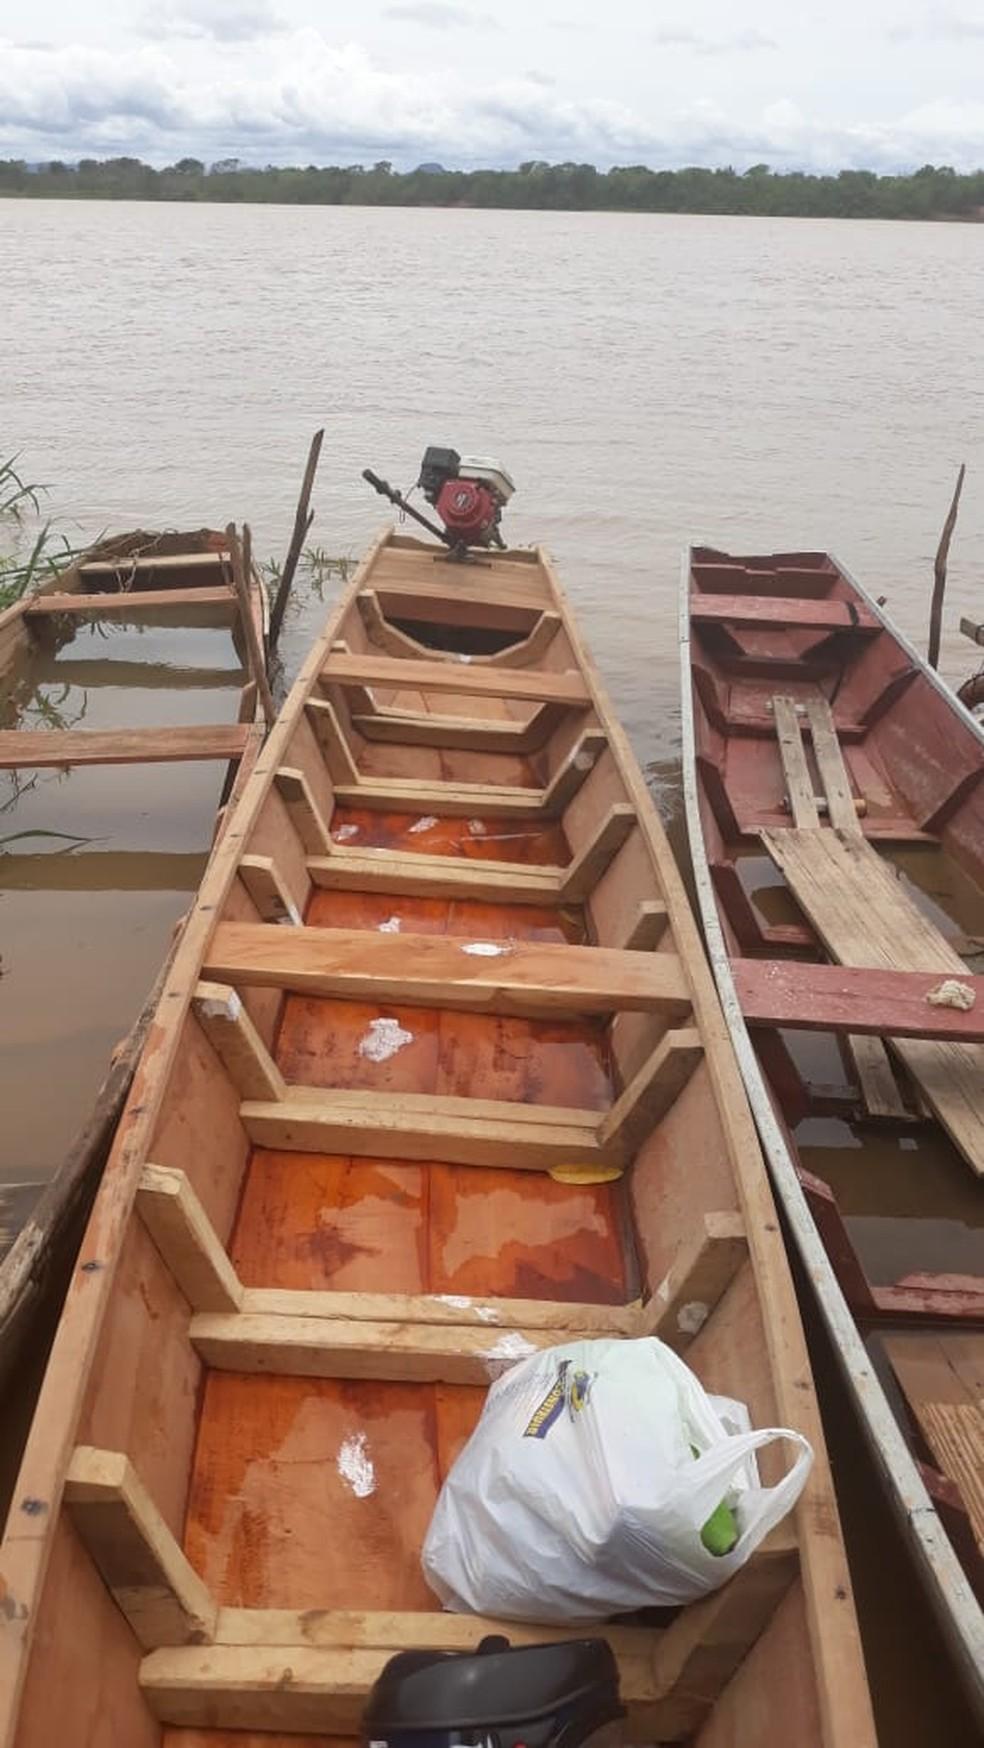 Segundo a PM, criminosos afundam barcos colocando madeira e pedras — Foto: Polícia Militar / Divulgação